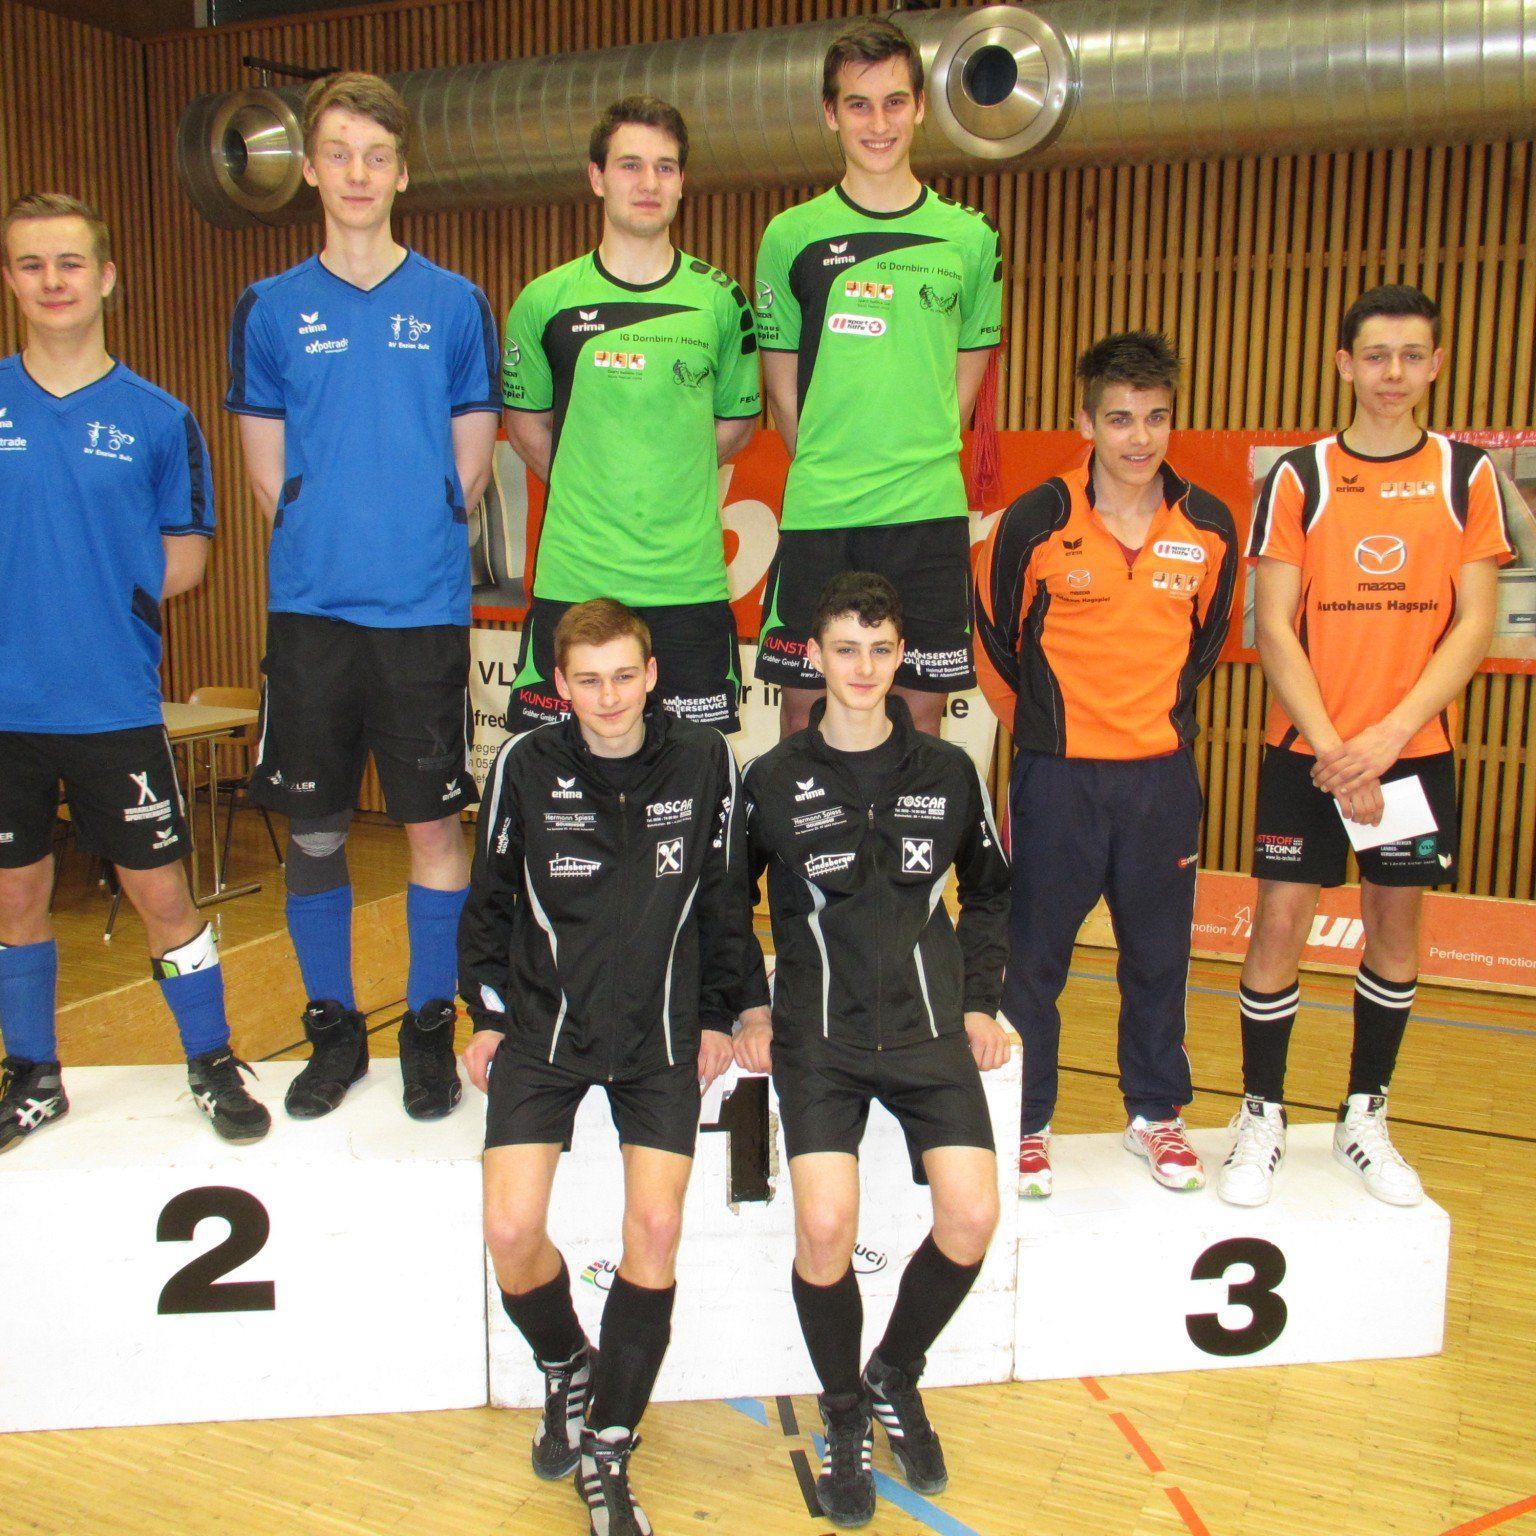 Zum zweiten Mal sicherte sich die IG Dornbirn/Höchst das EM Ticket für die Junioren Titelkämpfe.